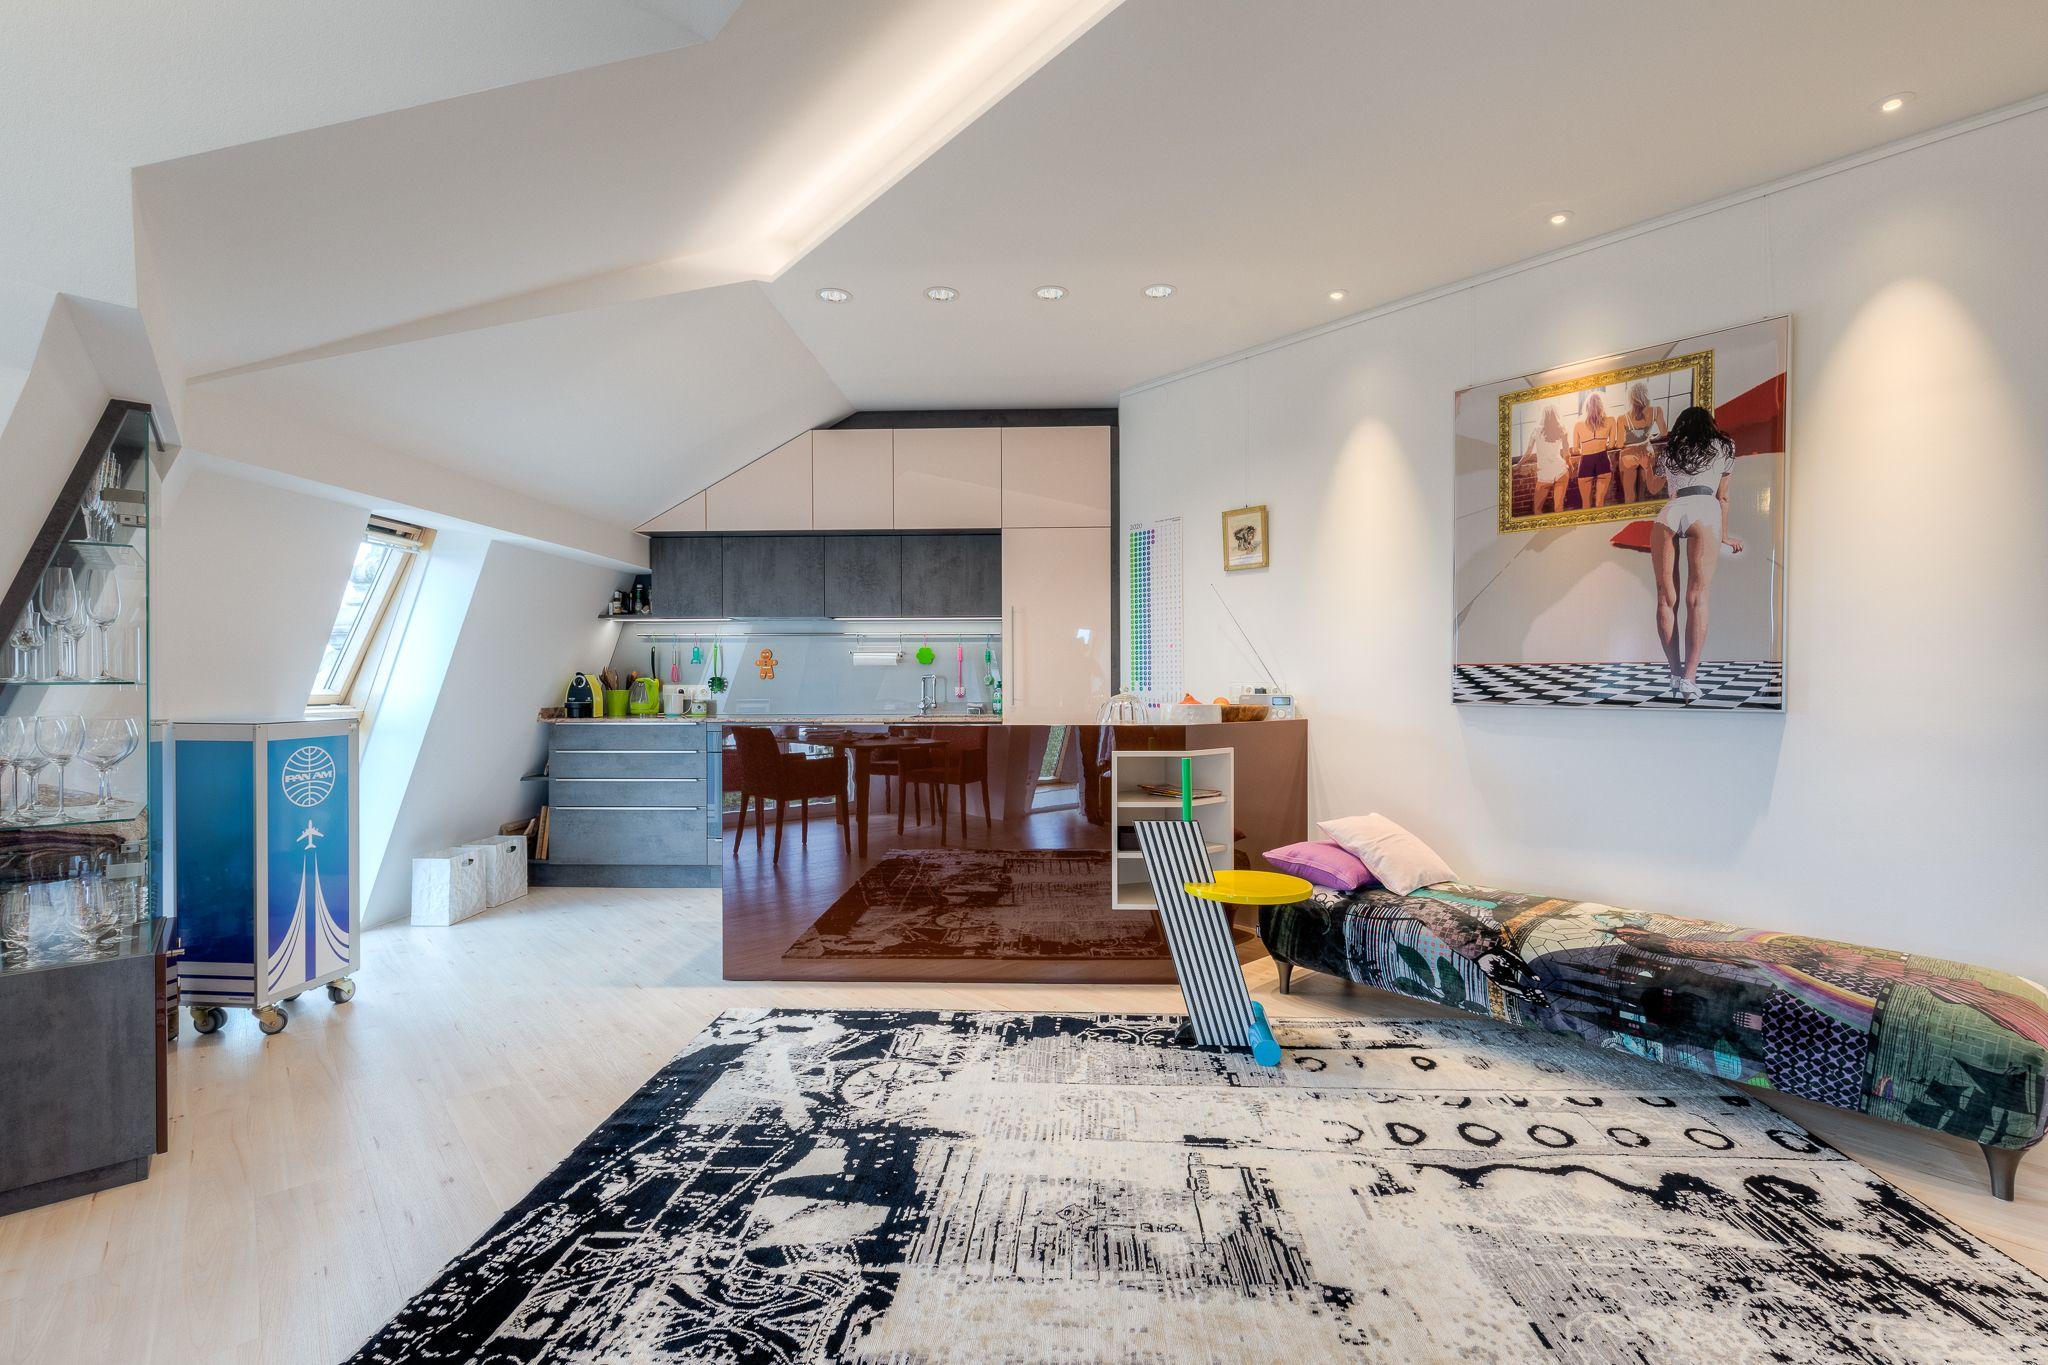 Steiner 03 06 2020 72dpi 017 - Renovierung einer Dachgeschosswohnung für Kunstliebhaber